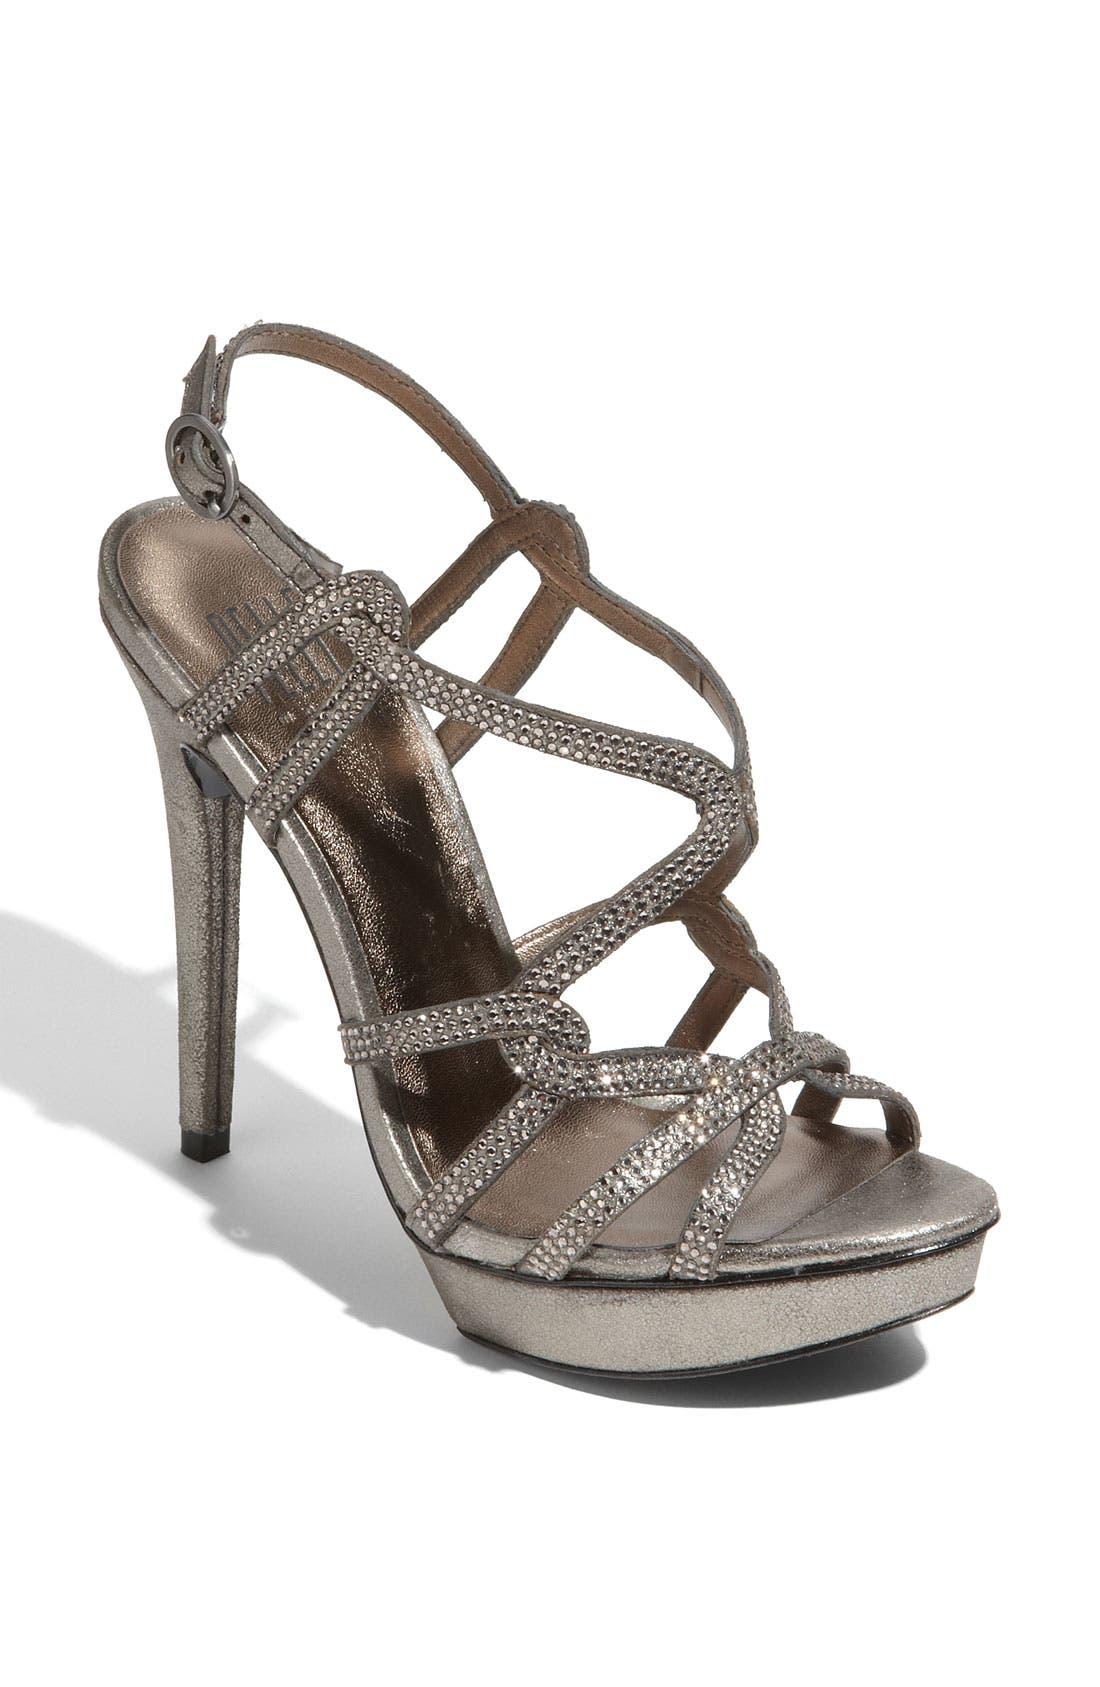 Main Image - Pelle Moda 'Flirt' Sandal